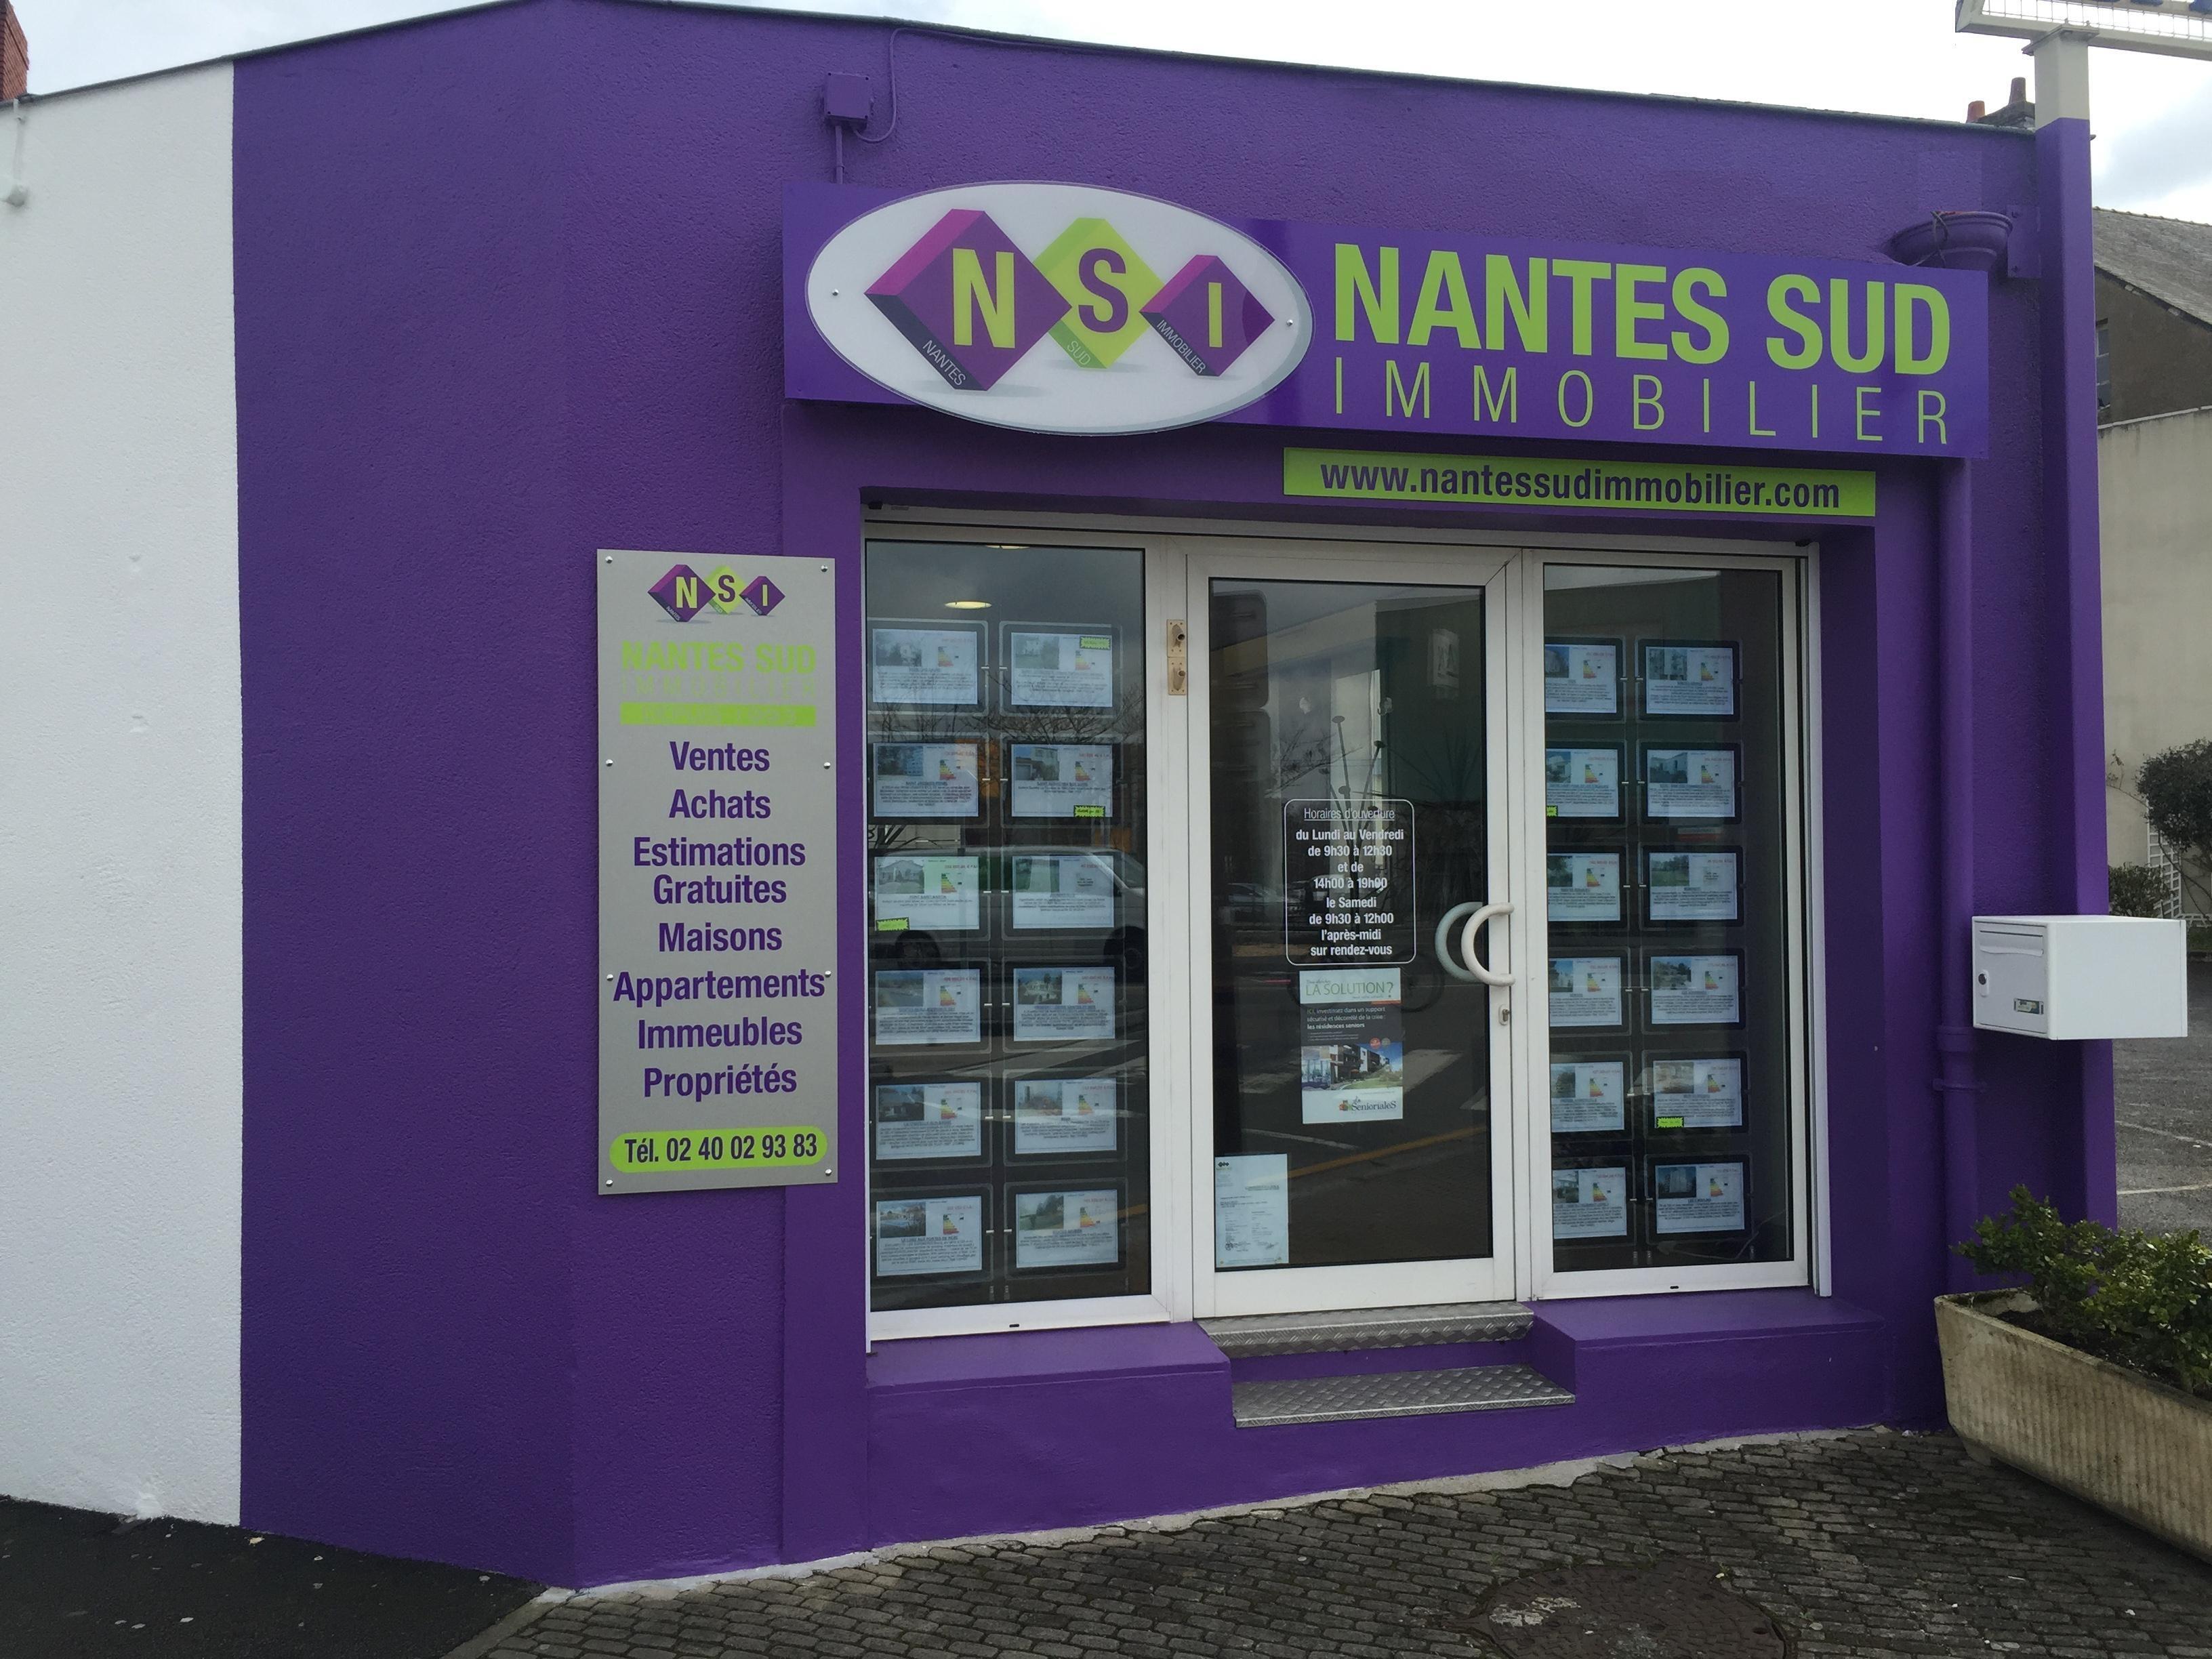 Nantes Sud Immobilier Agence Immobilière Rezé Ouestfrance Immo